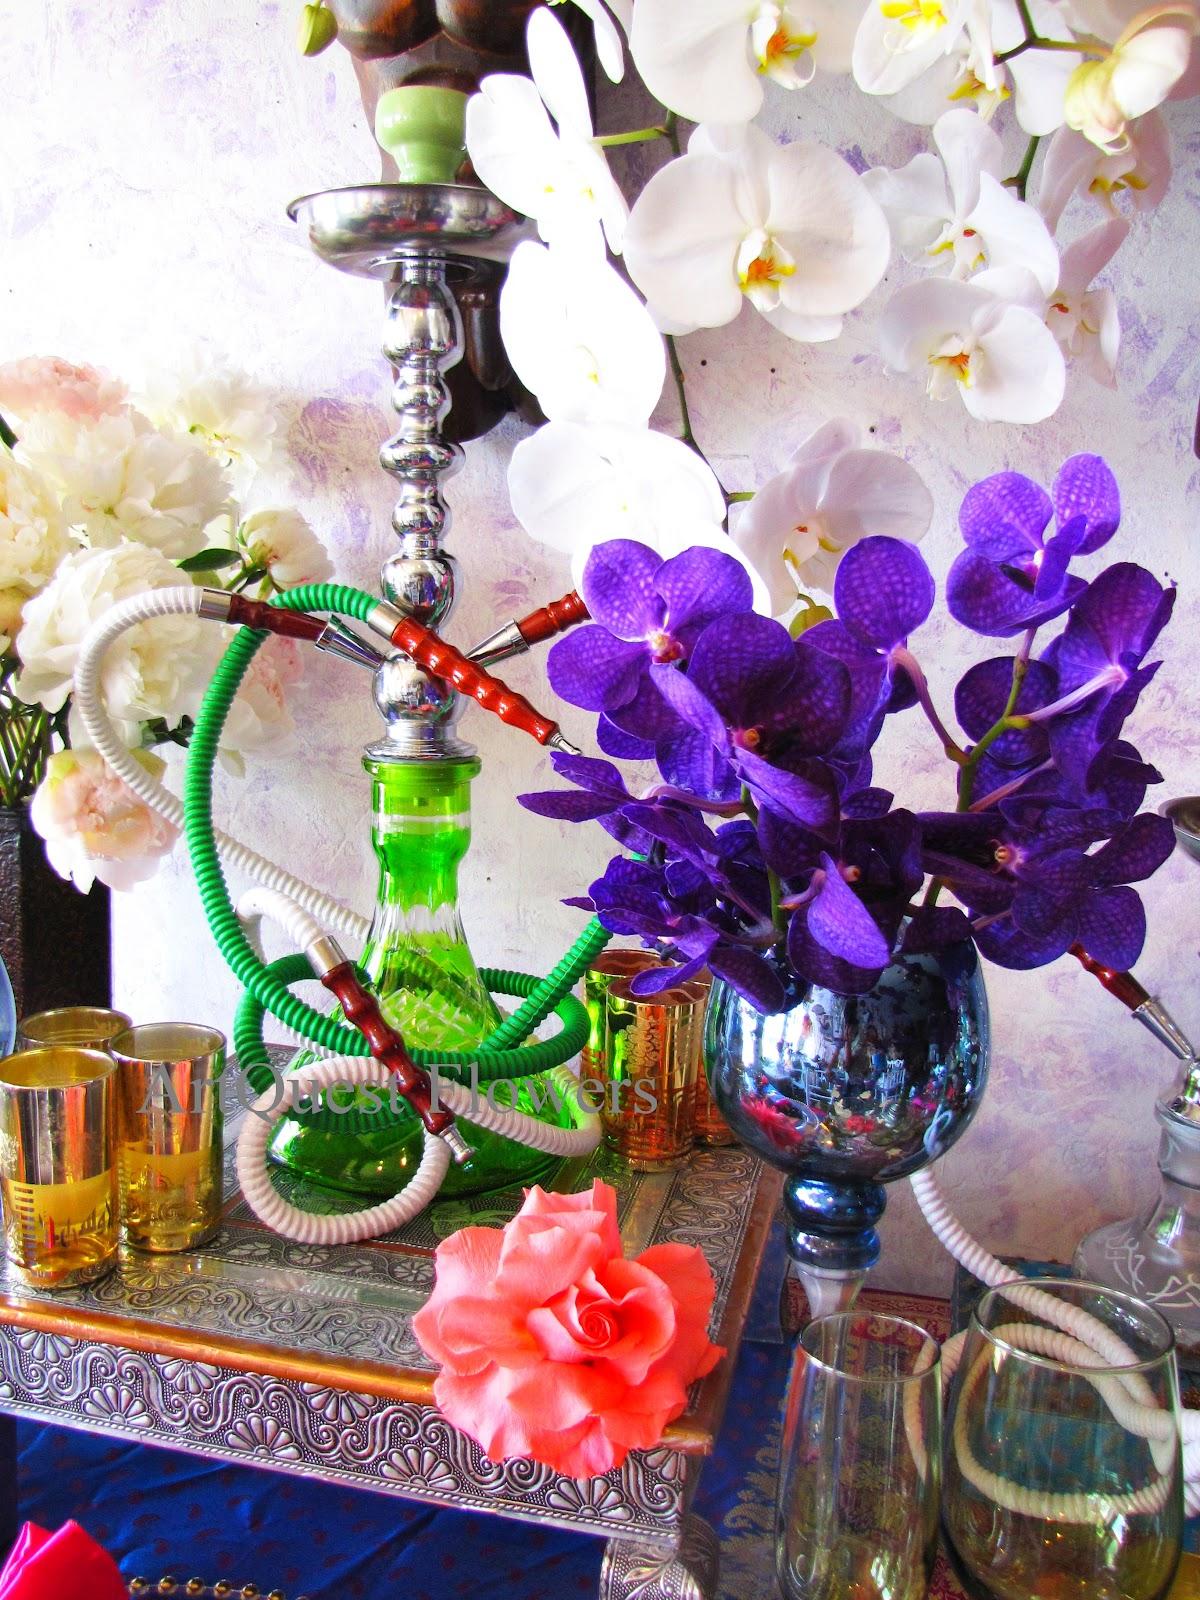 9_Vanda Orchids.JPG